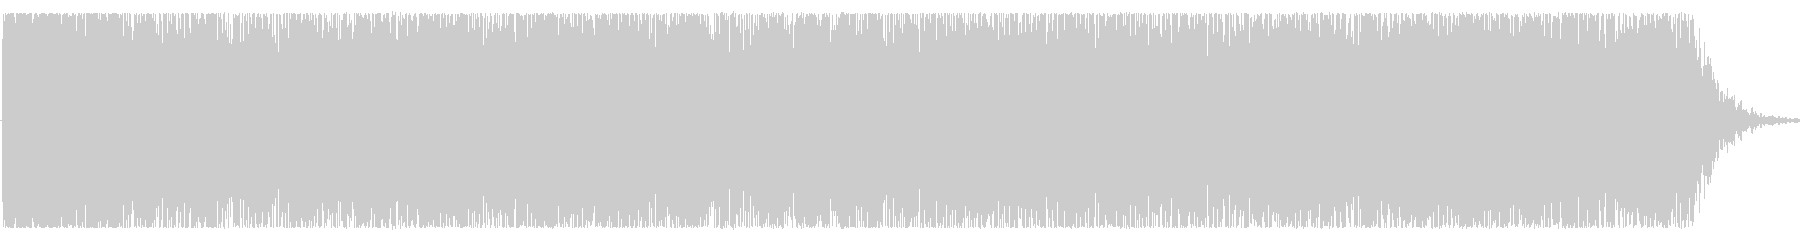 ラストメタル、ムーブメント、グライ...の未再生の波形